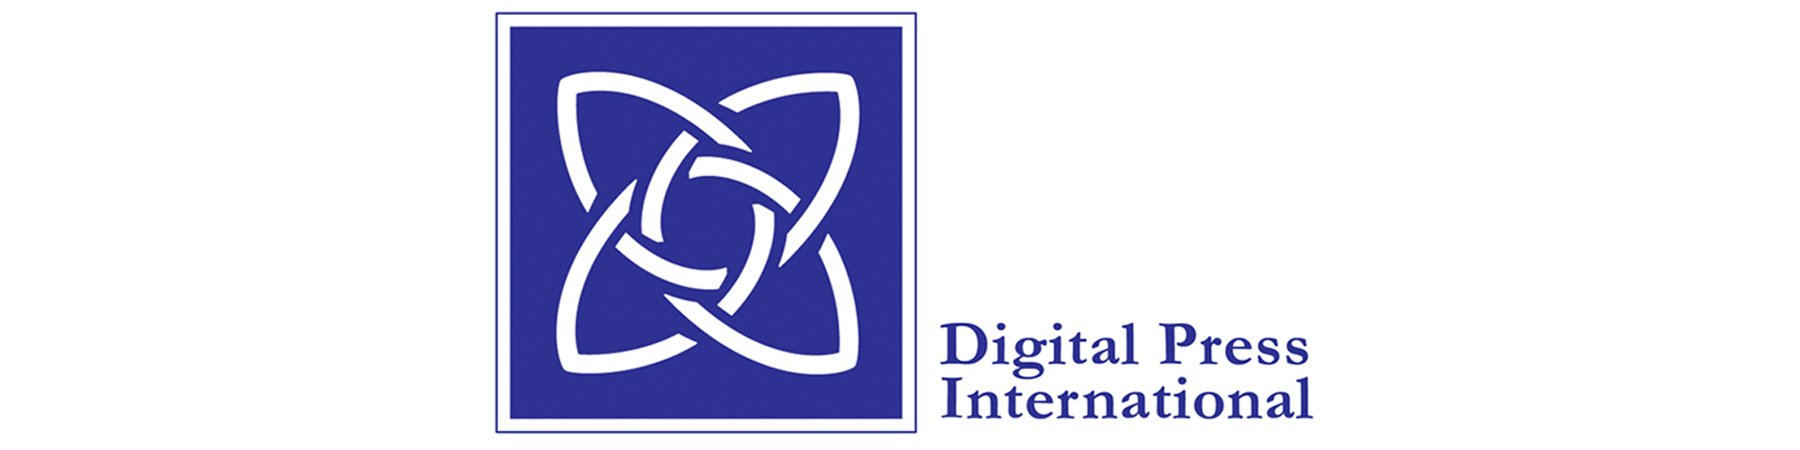 citywork designed publisher logo option